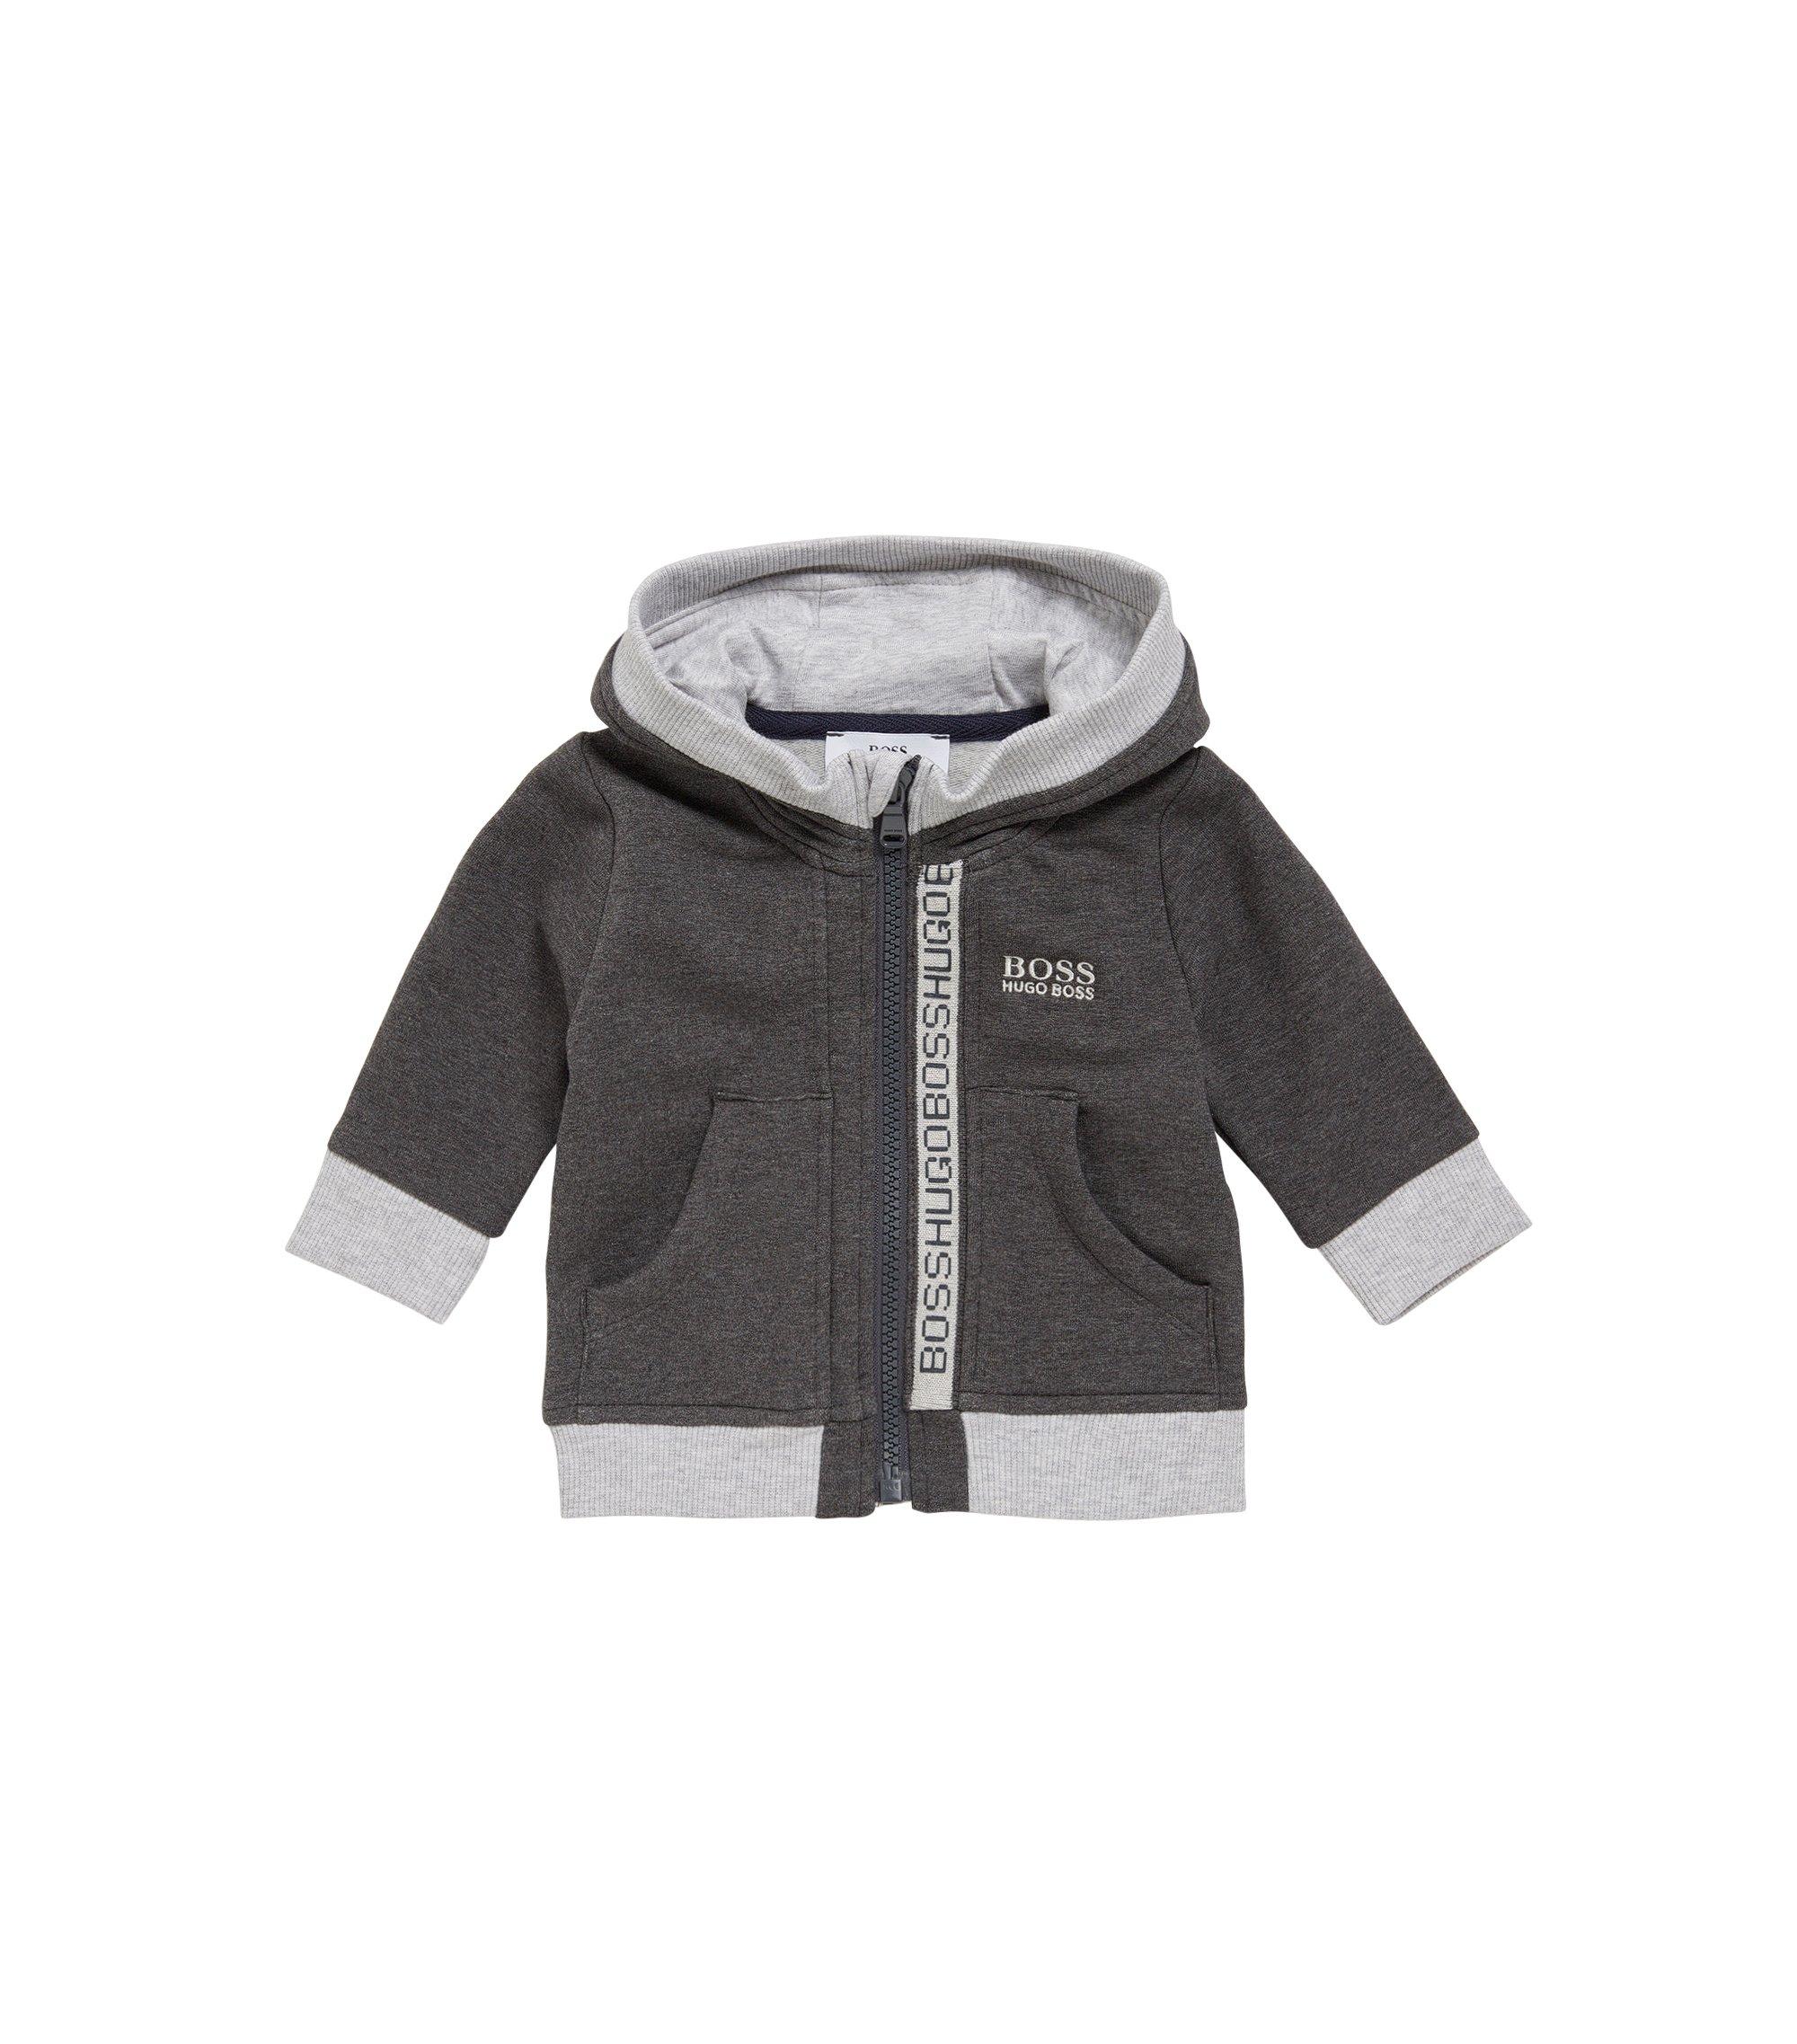 Kids-Jacke aus elastischem Baumwoll-Mix mit Kapuze: 'J05518', Dunkelgrau